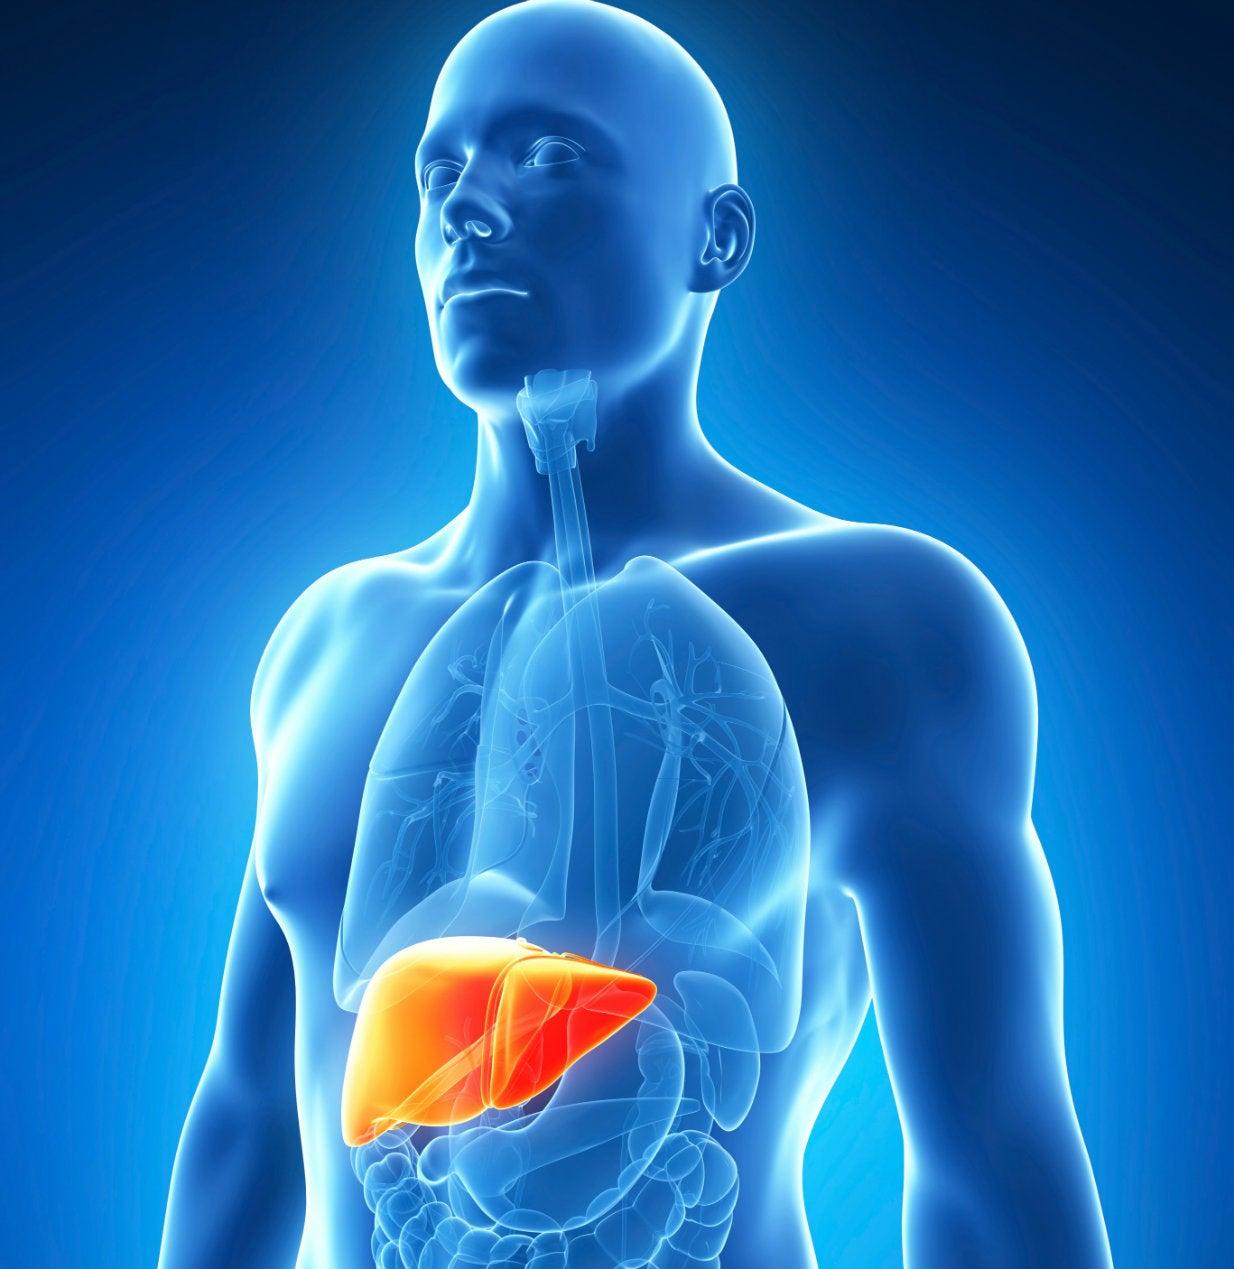 Cuidado con la hepatitis C, es silenciosa y puede terminar en cáncer